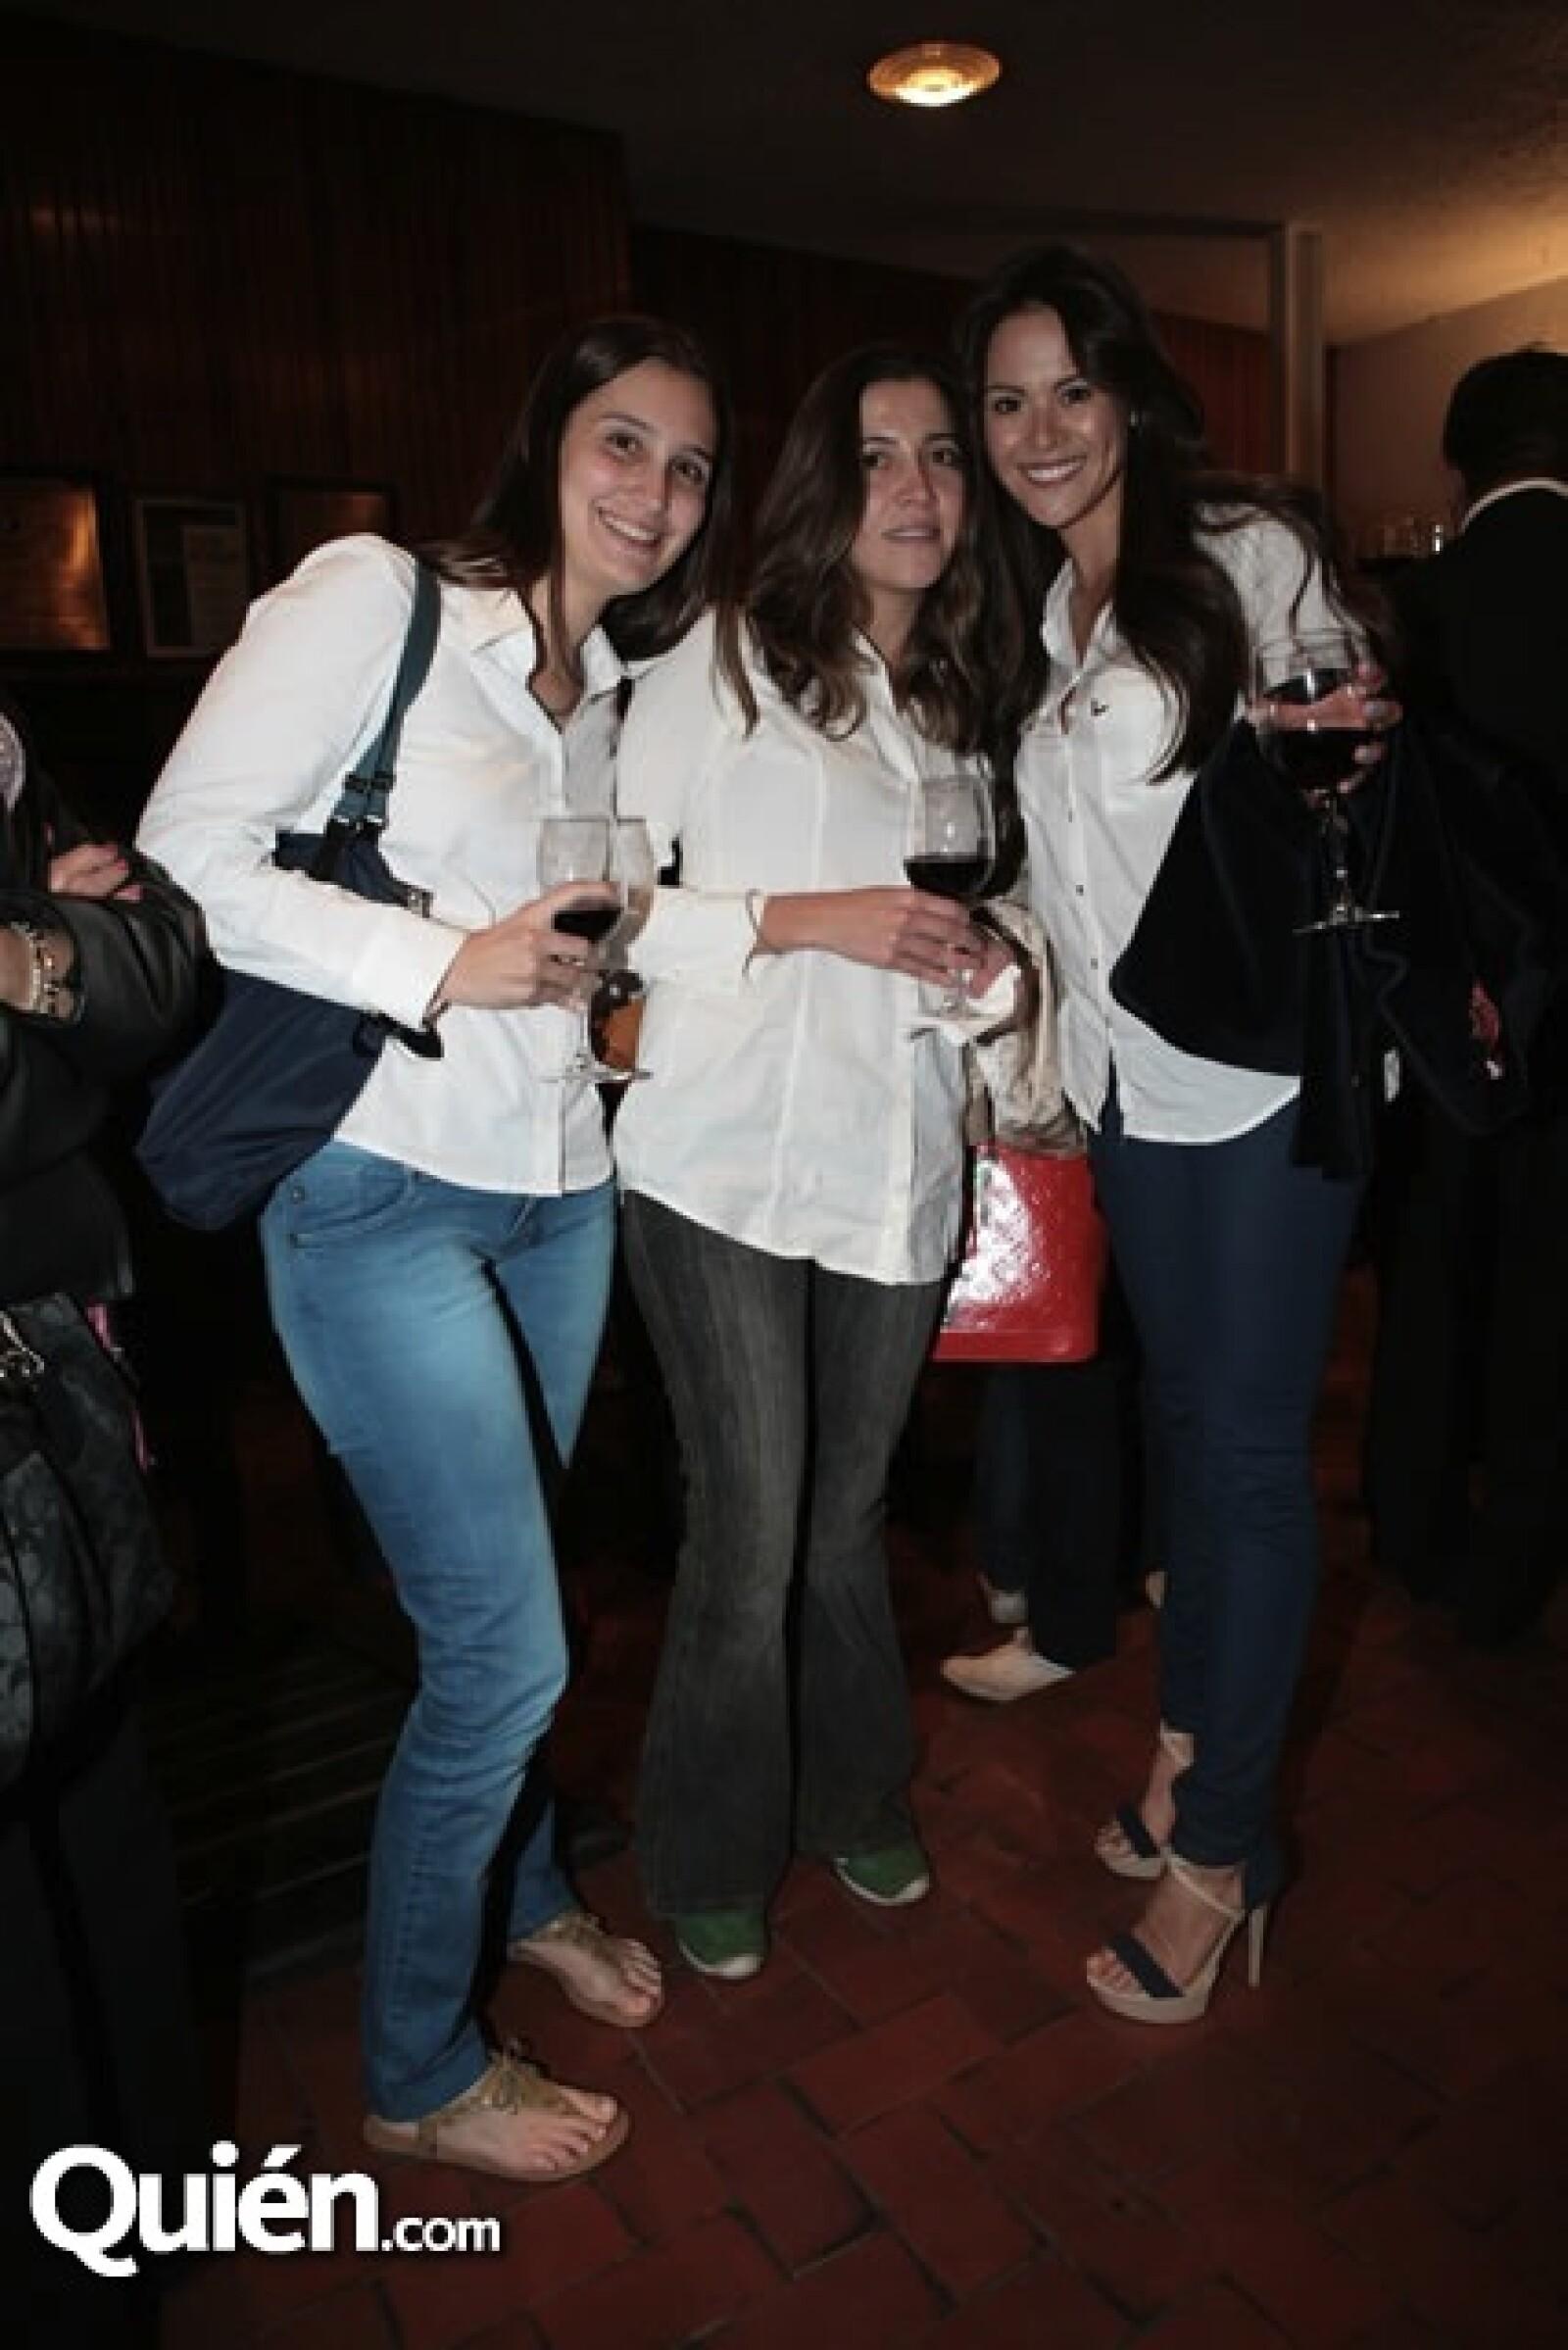 Mayra Marquéz, María José Bribiesca y Natalia Farías